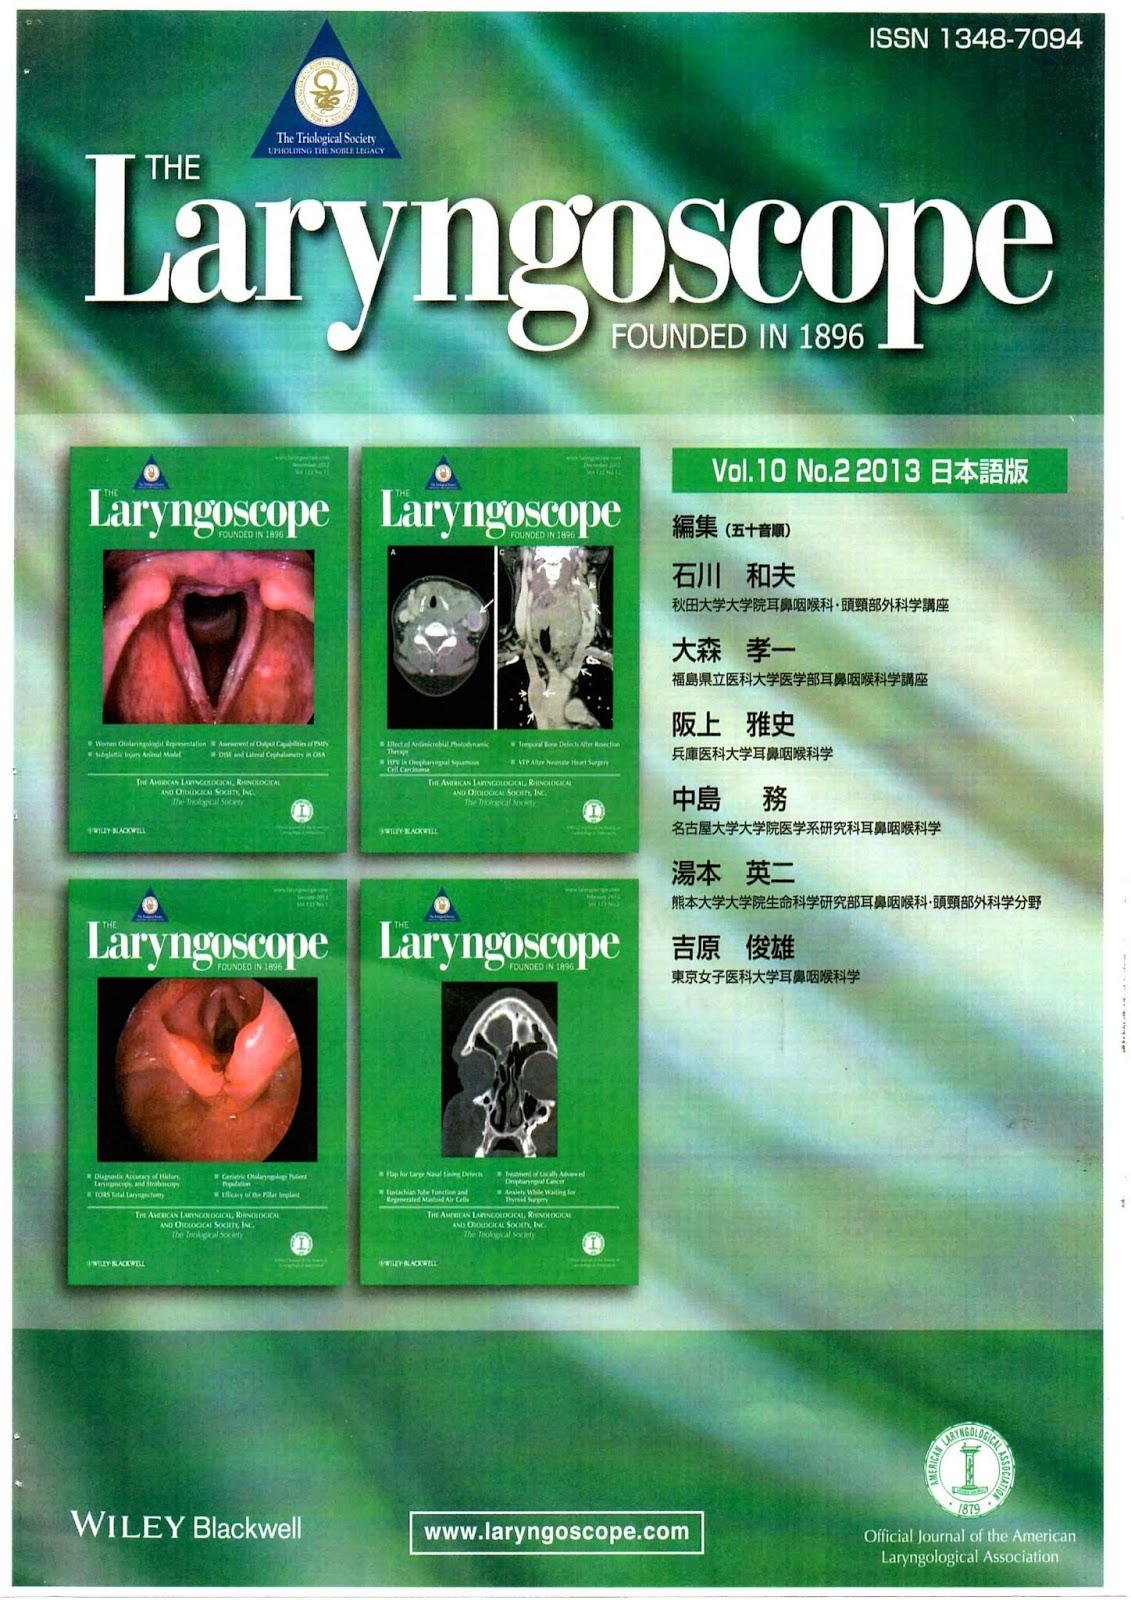 郭錦龍醫師的分享部落格 (Dr. Kuo's Blog): 「兒童膽脂瘤29年追蹤報告」日文版